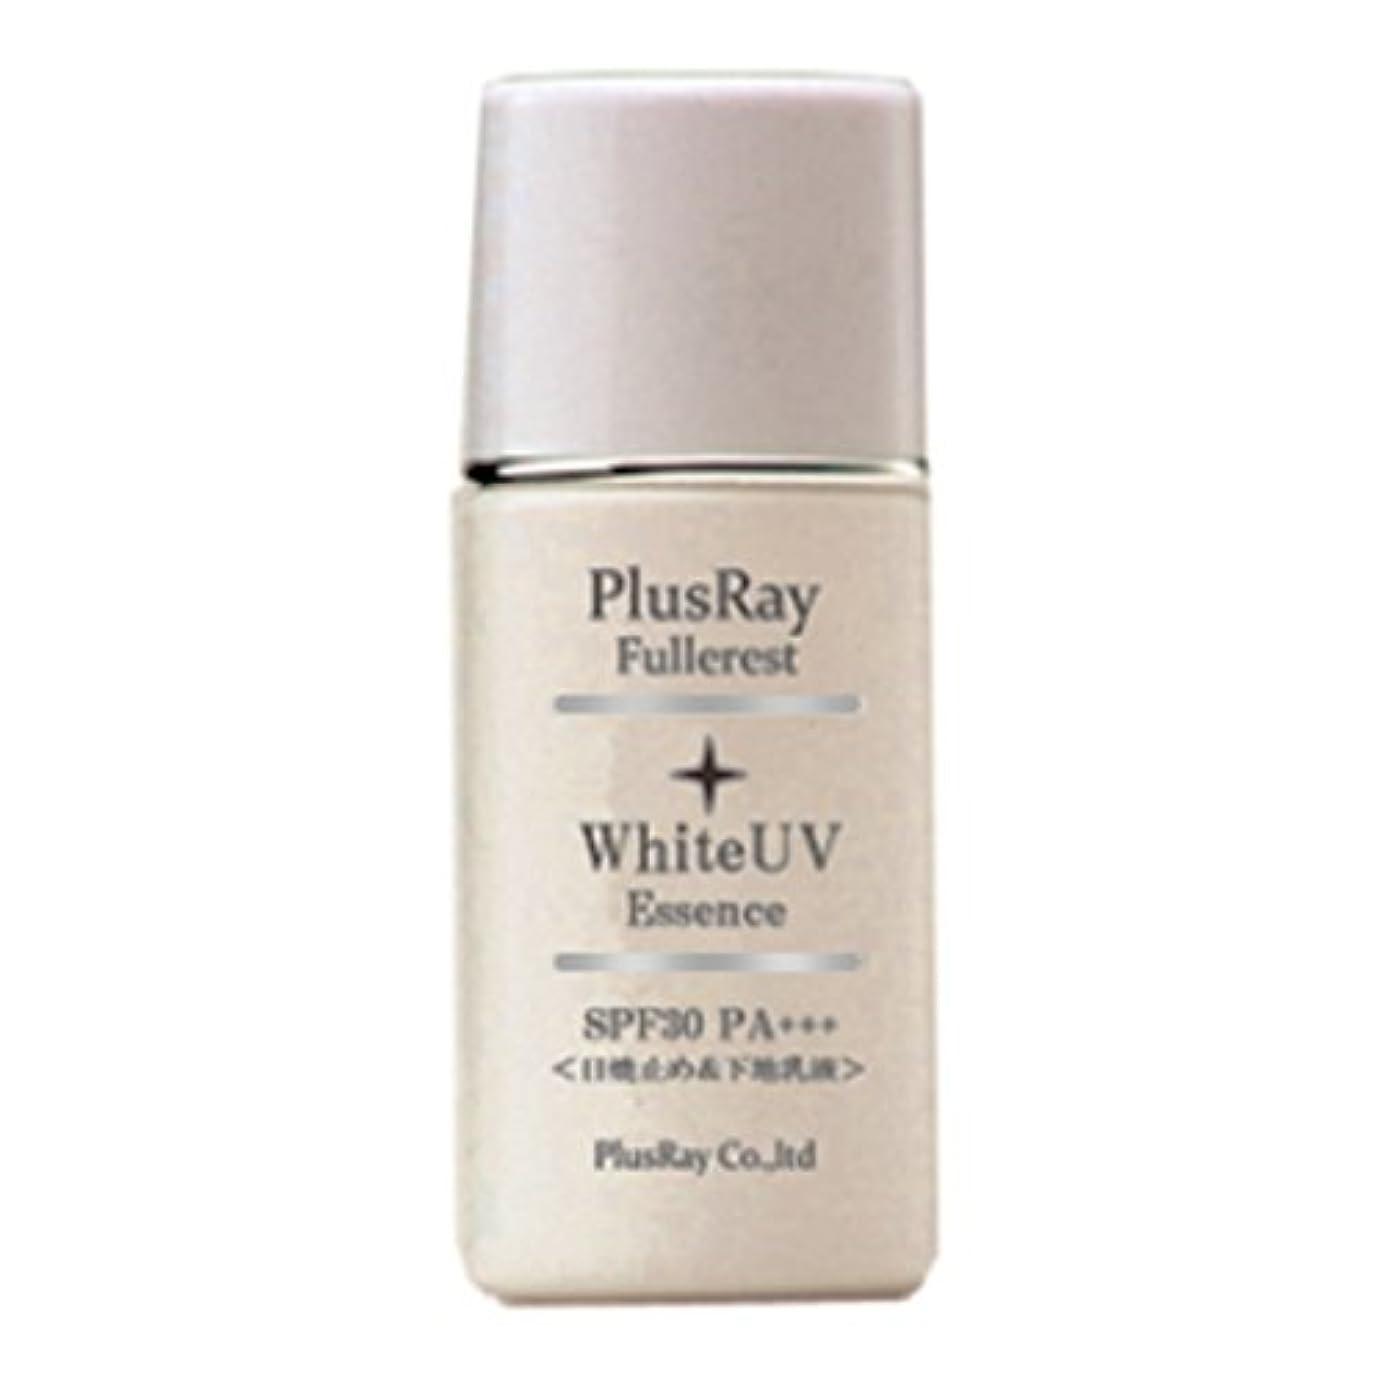 陸軍贅沢ジョリープラスレイ(PlusRay)化粧品 フラーレスト ホワイト UV エッセンス 化粧下地 紫外線対策 A波 B波 対応 乳液タイプ